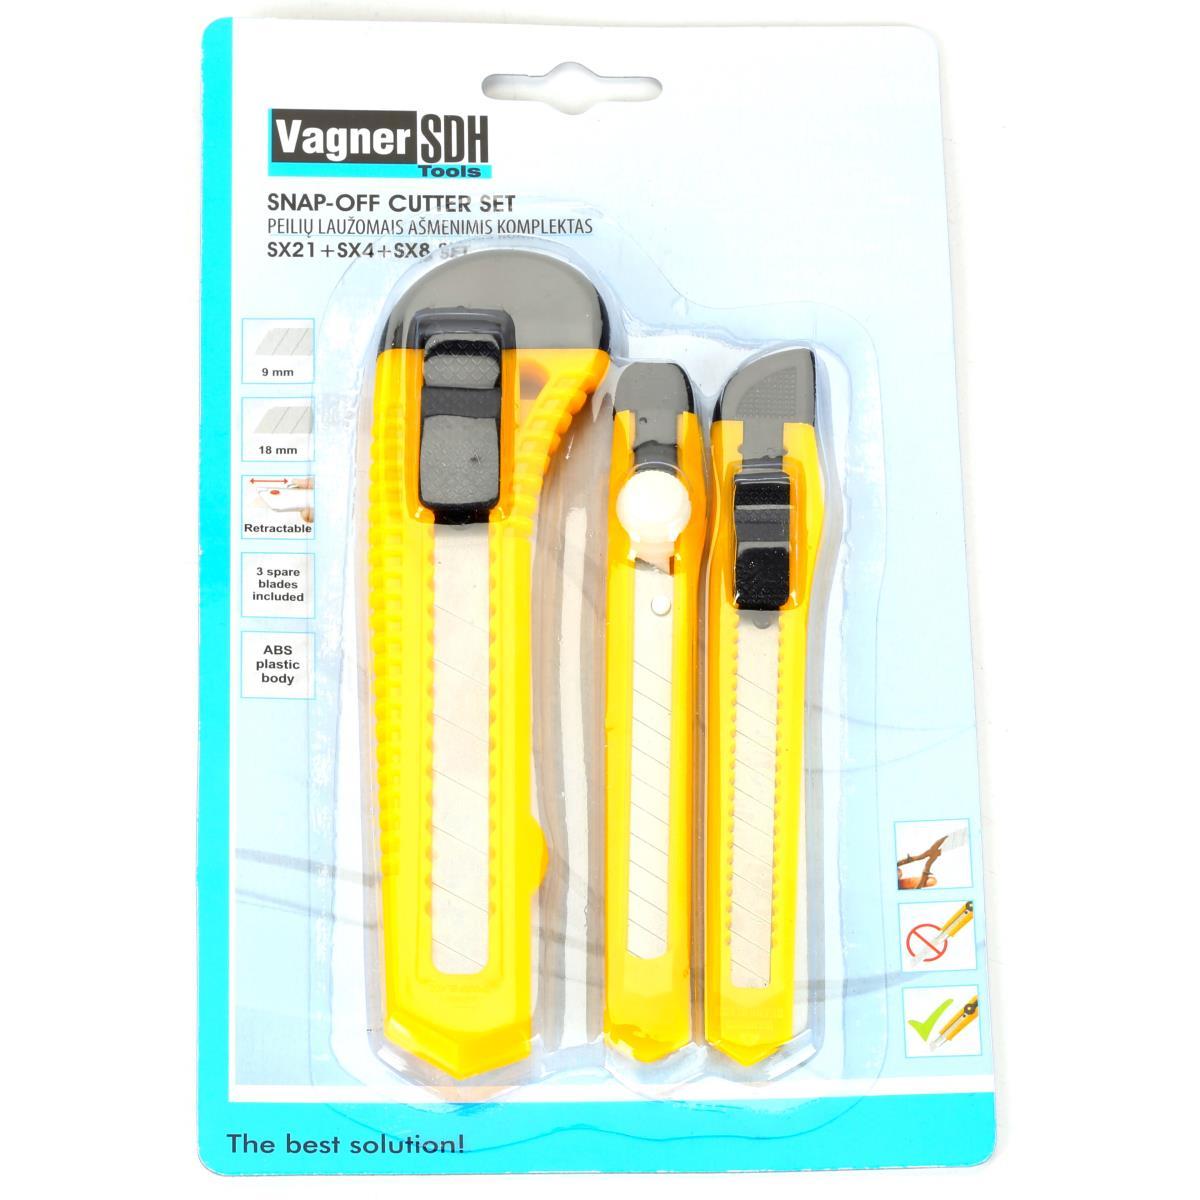 Dreiteiliger Cuttermesser Set Teppichmesser 9 mm und 18 mm,Vagner SDH,2000510705813, 2000510705813